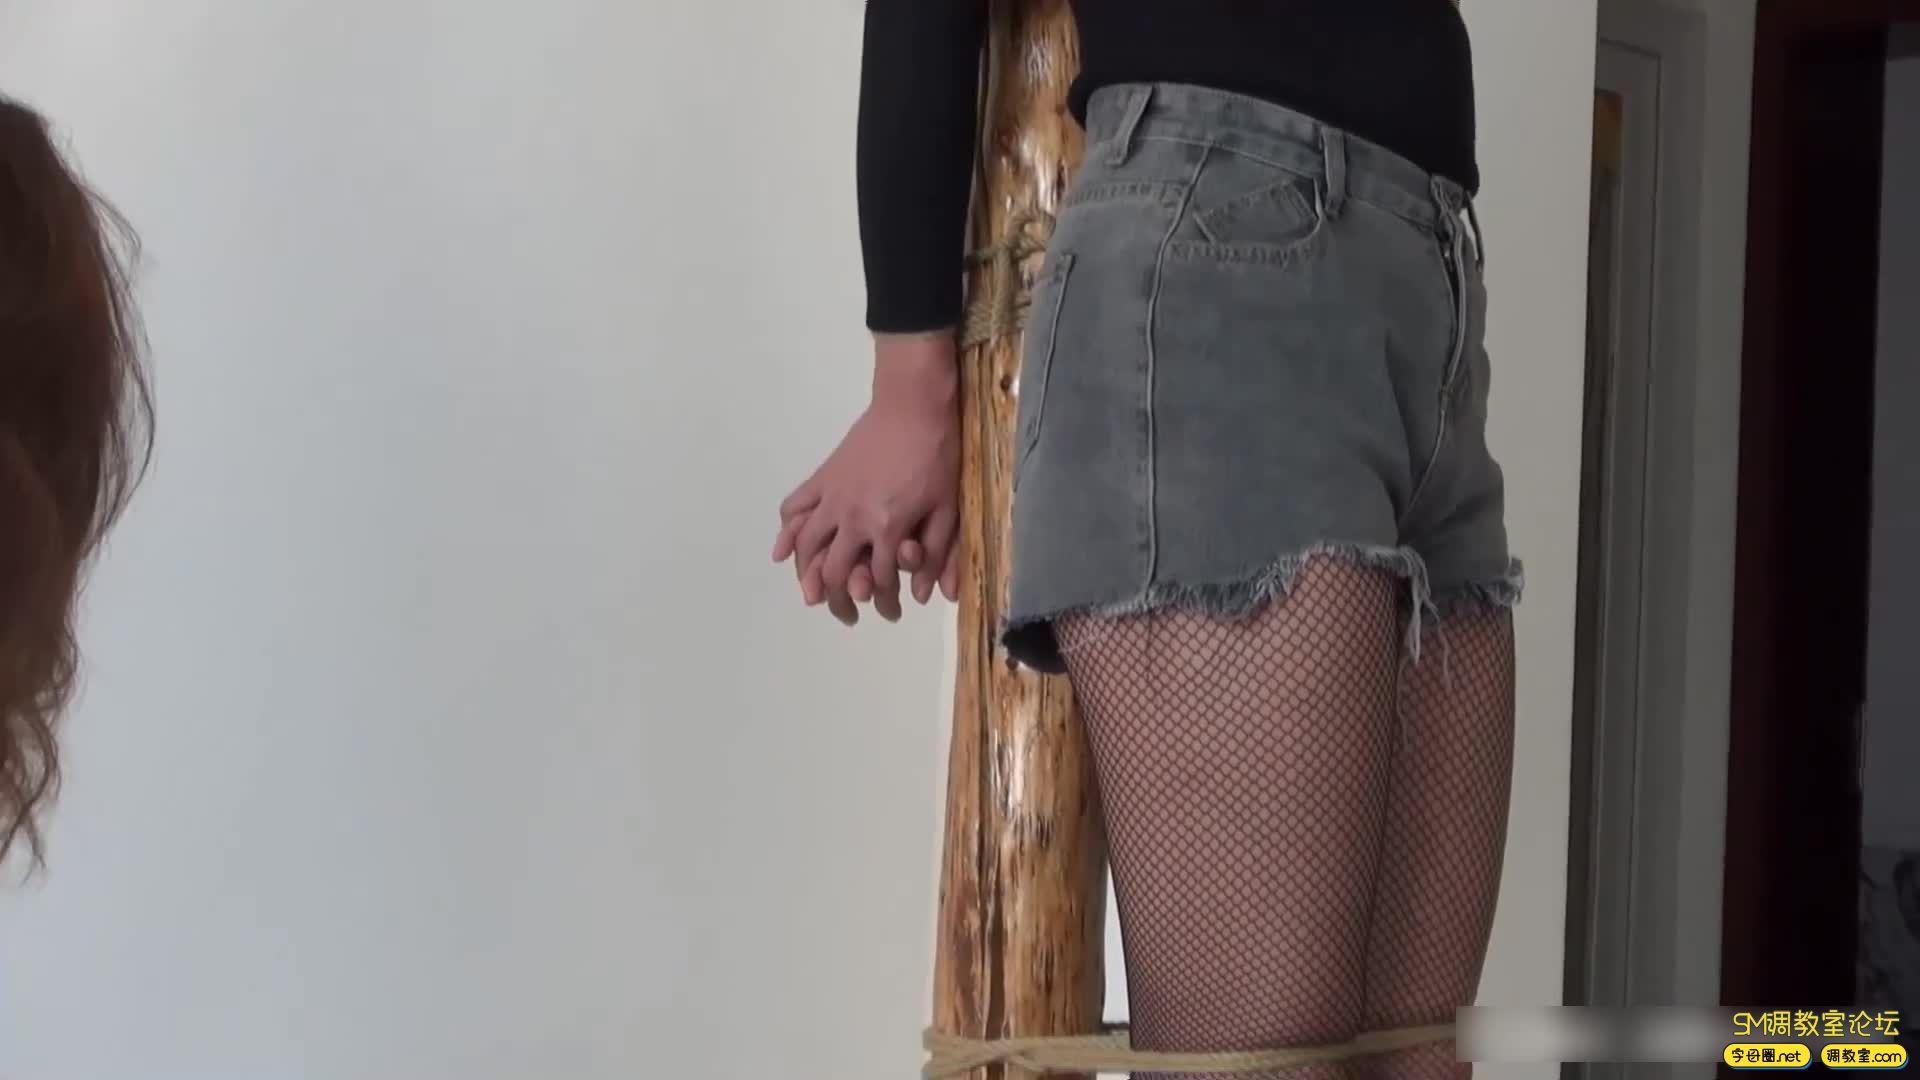 灰鸟原创_木桩上被捆绑堵嘴的两个美女 完整版-视频截图5